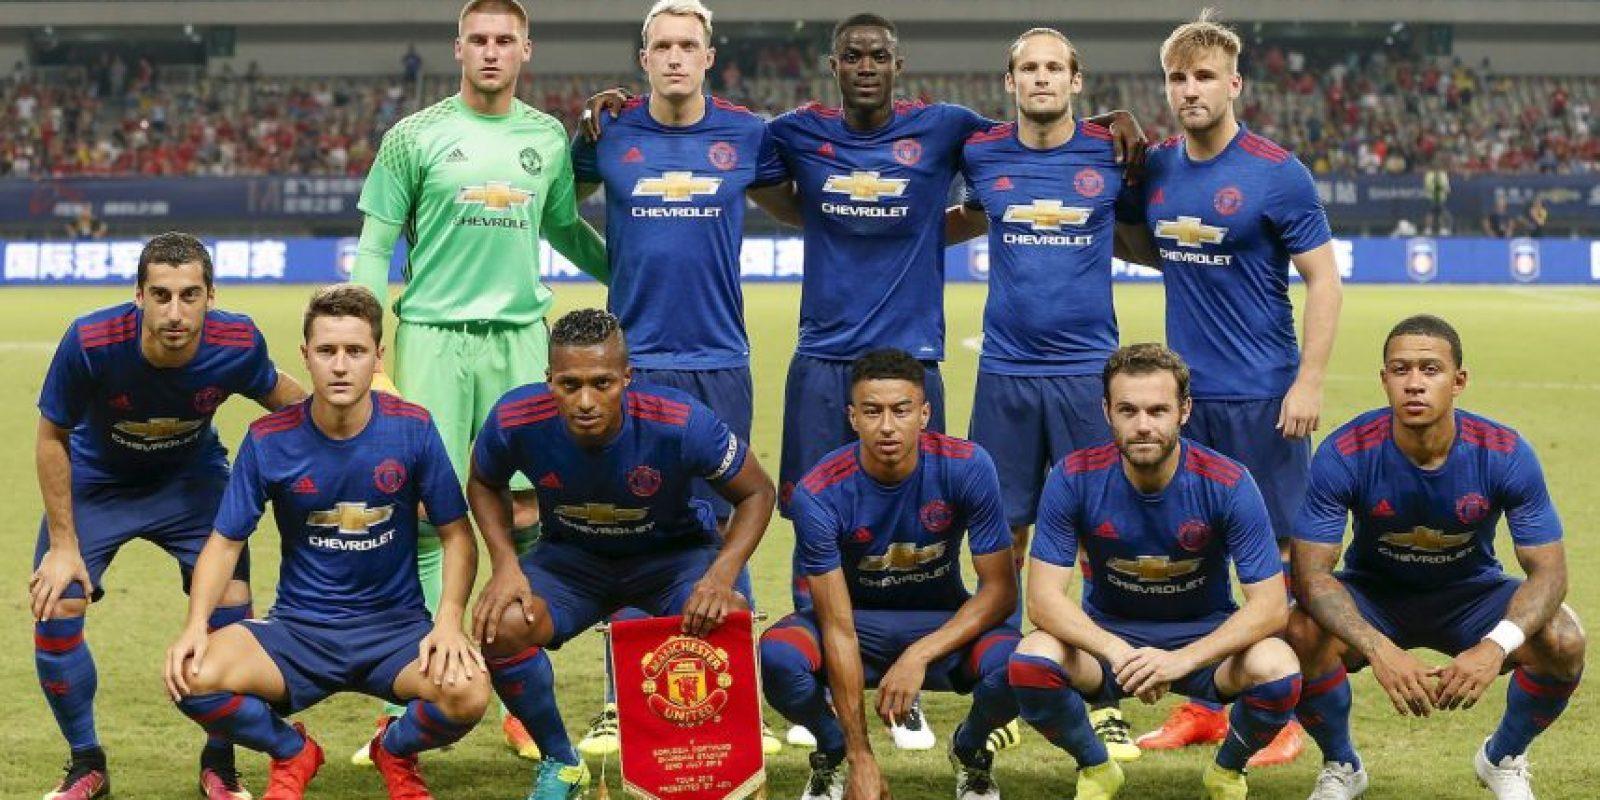 Manchester United salió del primer lugar y fue desplazado por Chelsea Foto:Getty Images